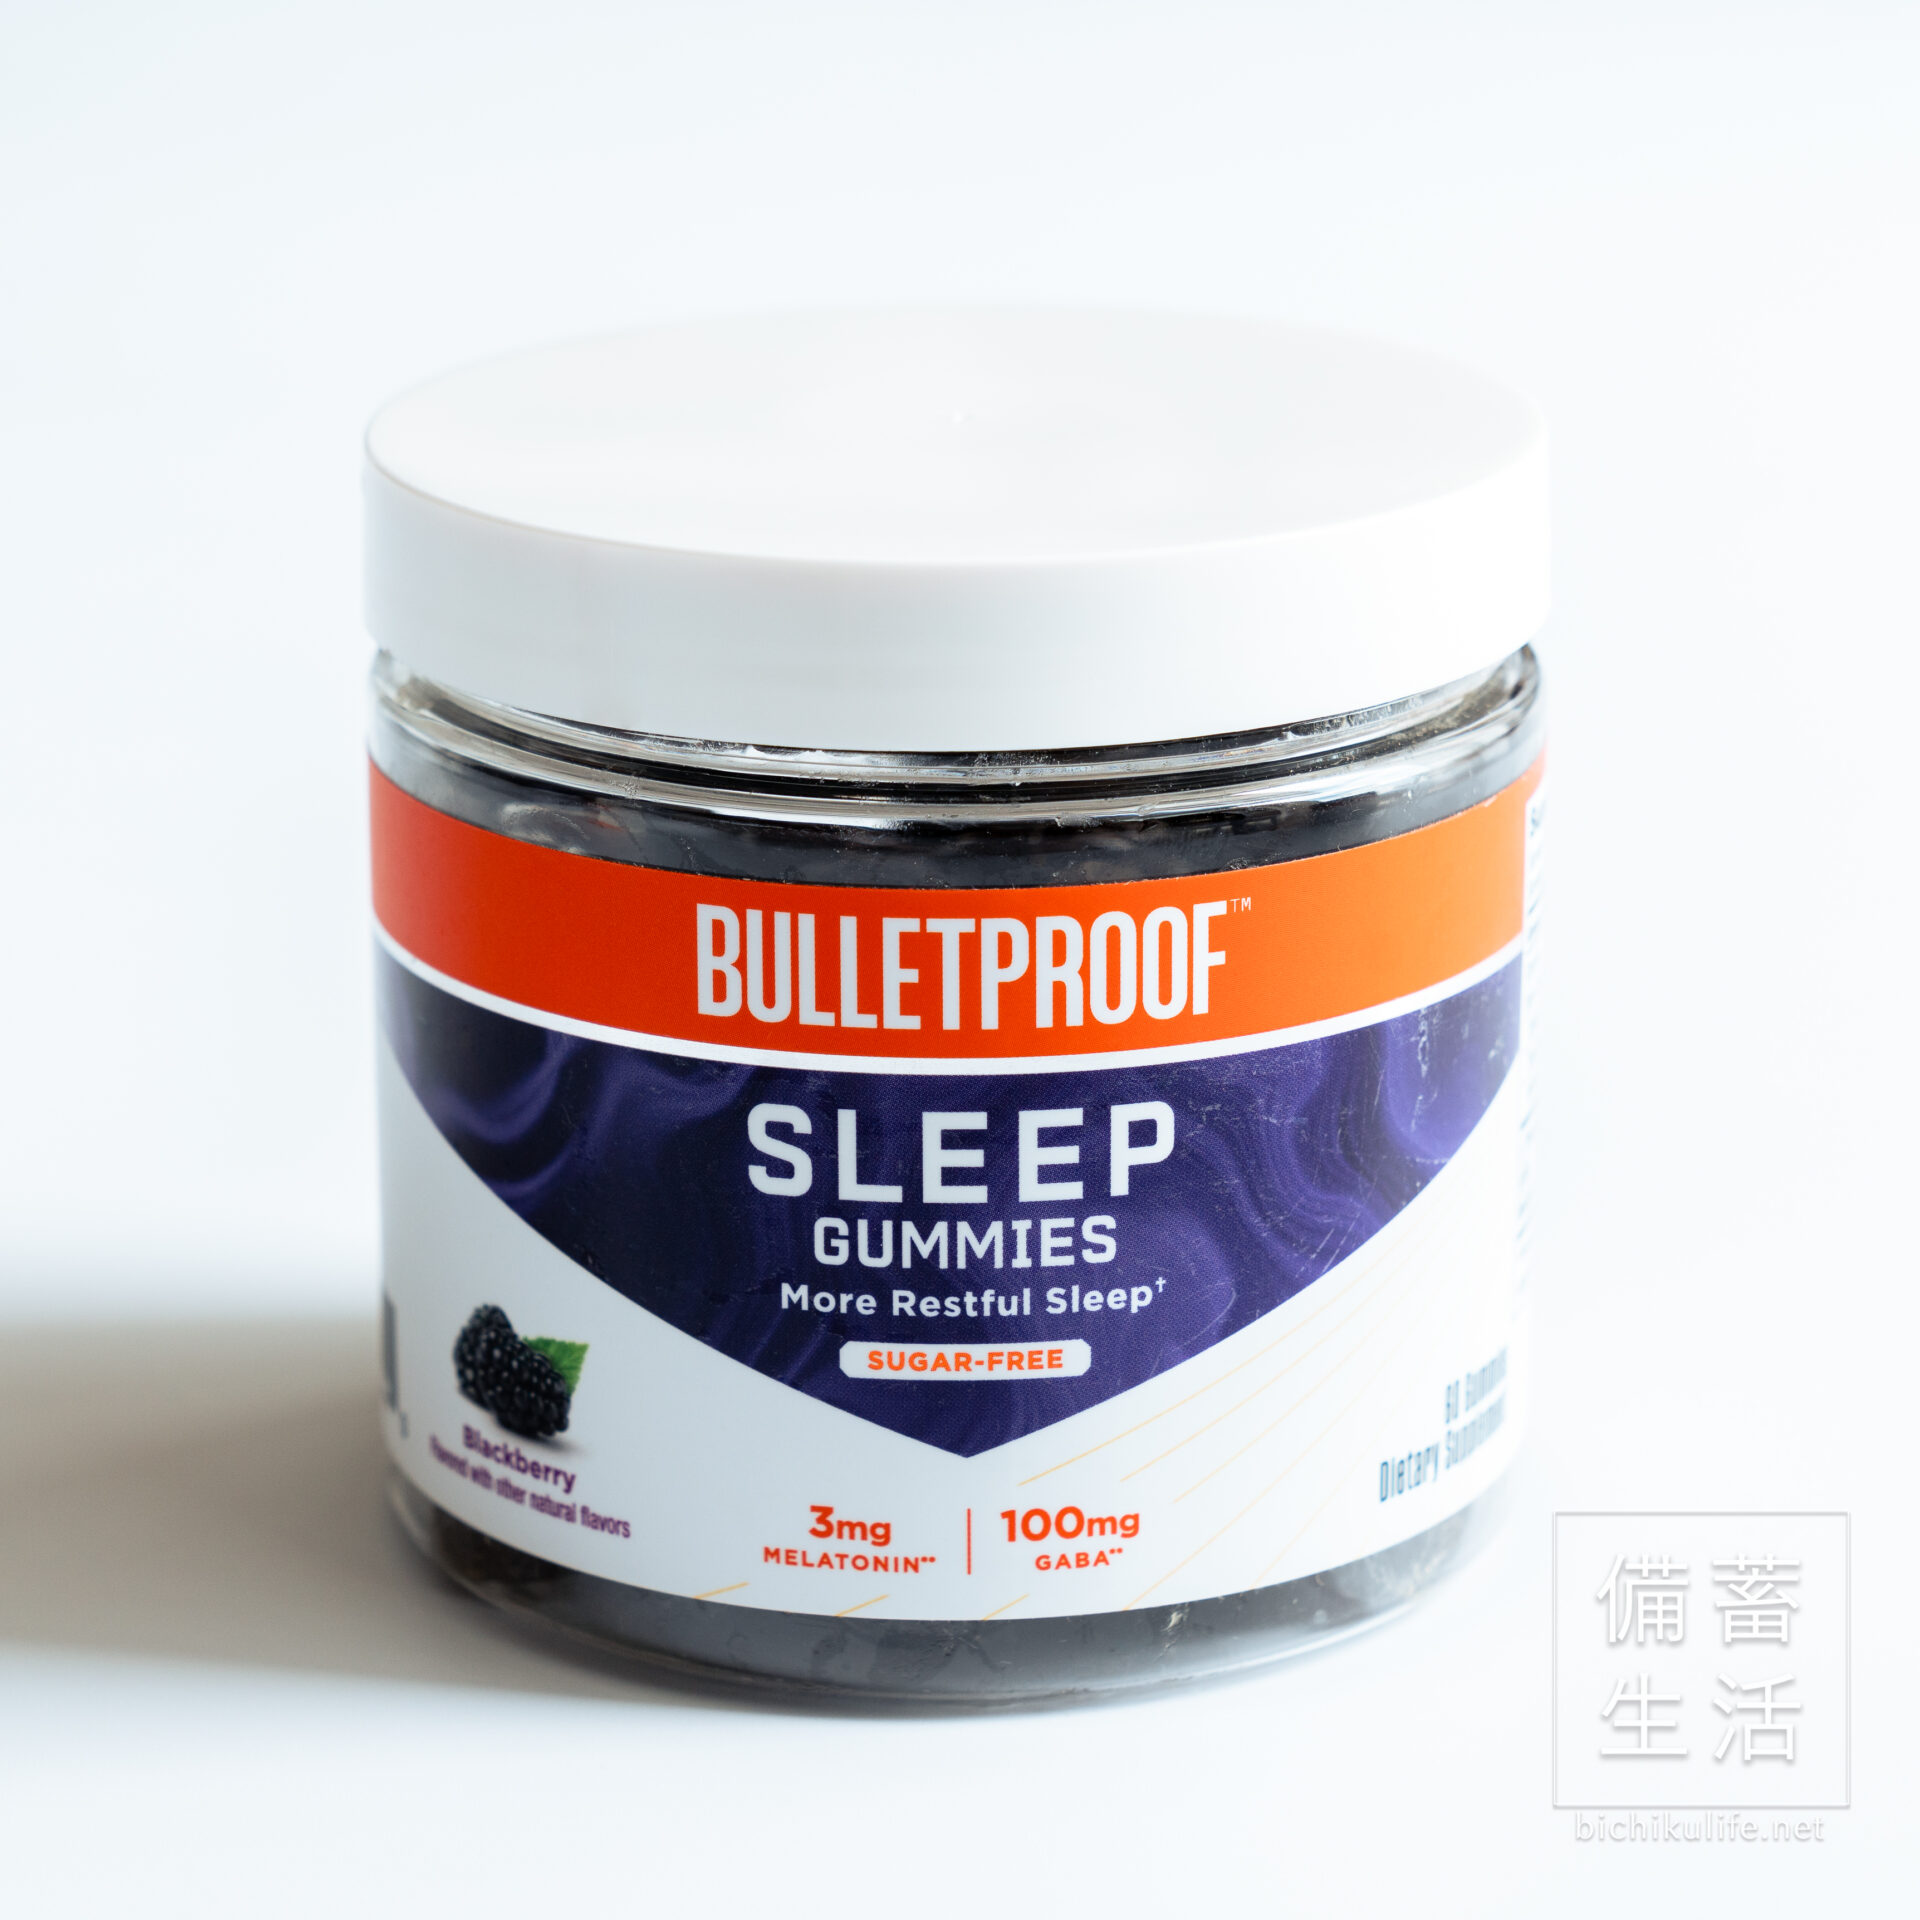 Bulletproofのサプリメントグミ VITAMINS SLEEP GUMMIES